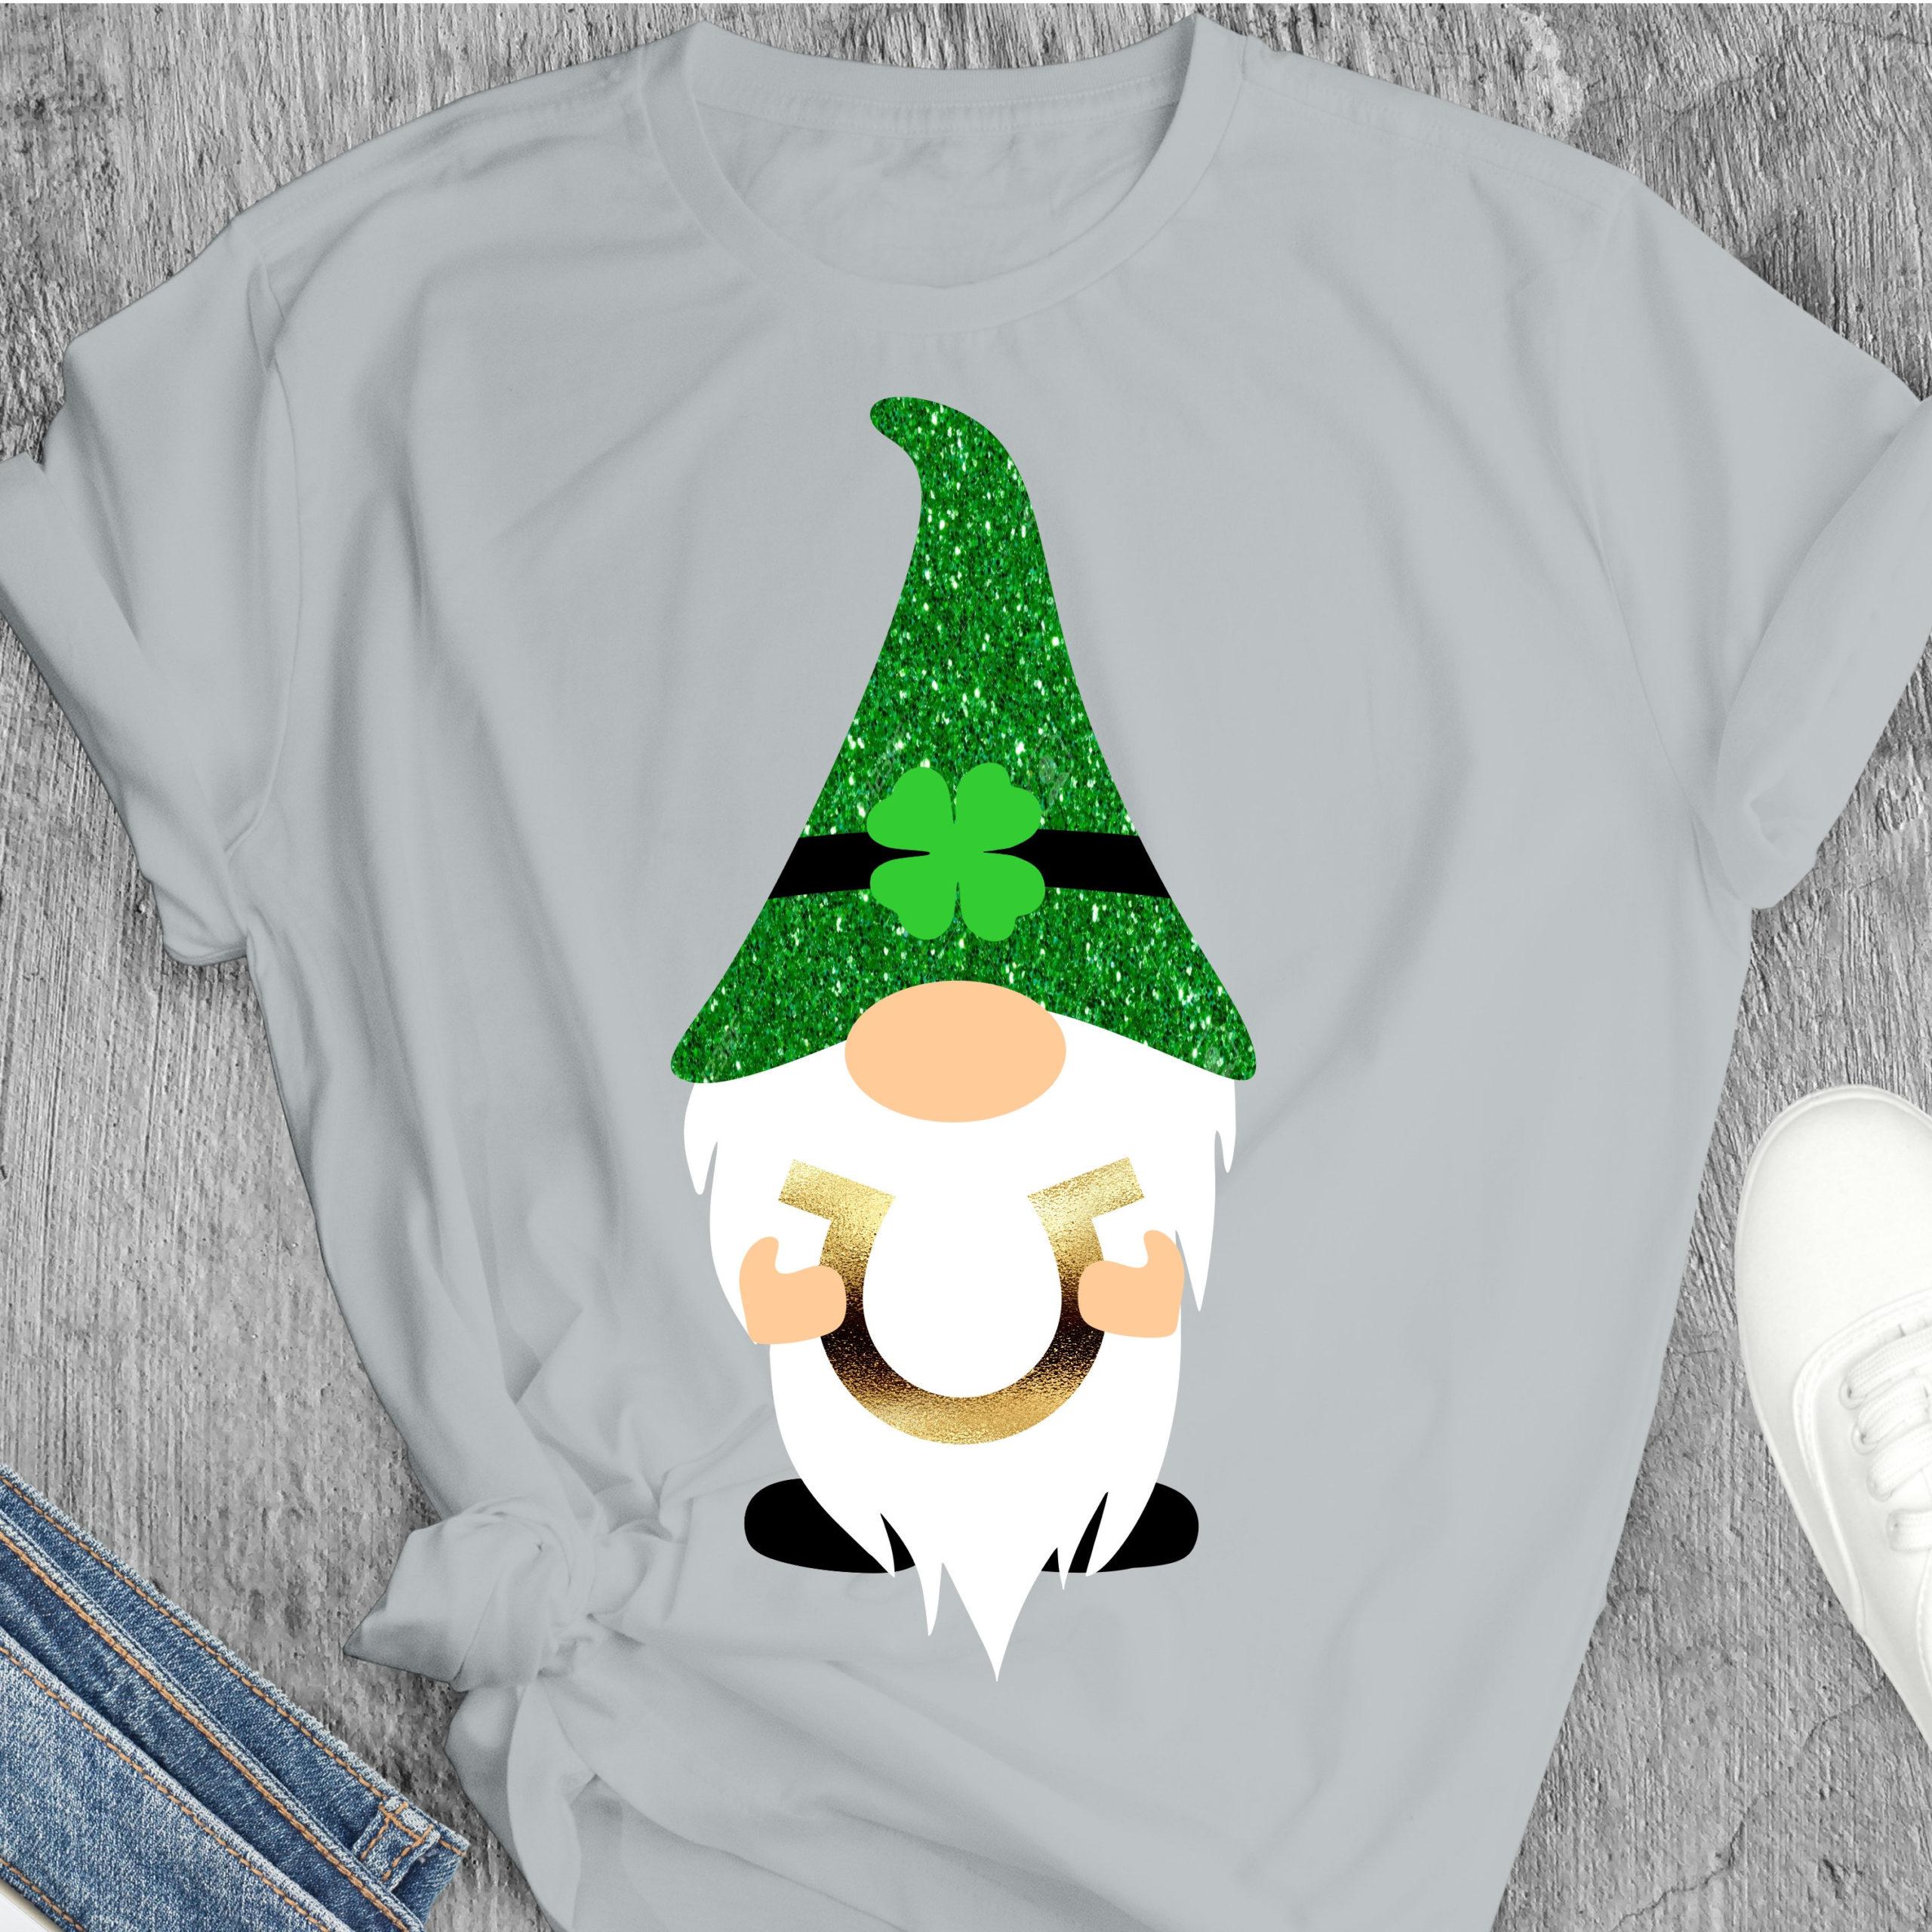 St-patricks-day-svg-gnome-svg-lucky-gnome-svg-st-pattys-day-svg-gnome-st-patricks-day-svg-designs-st-patricks-day-cut-file-cricut-svg-60513f52